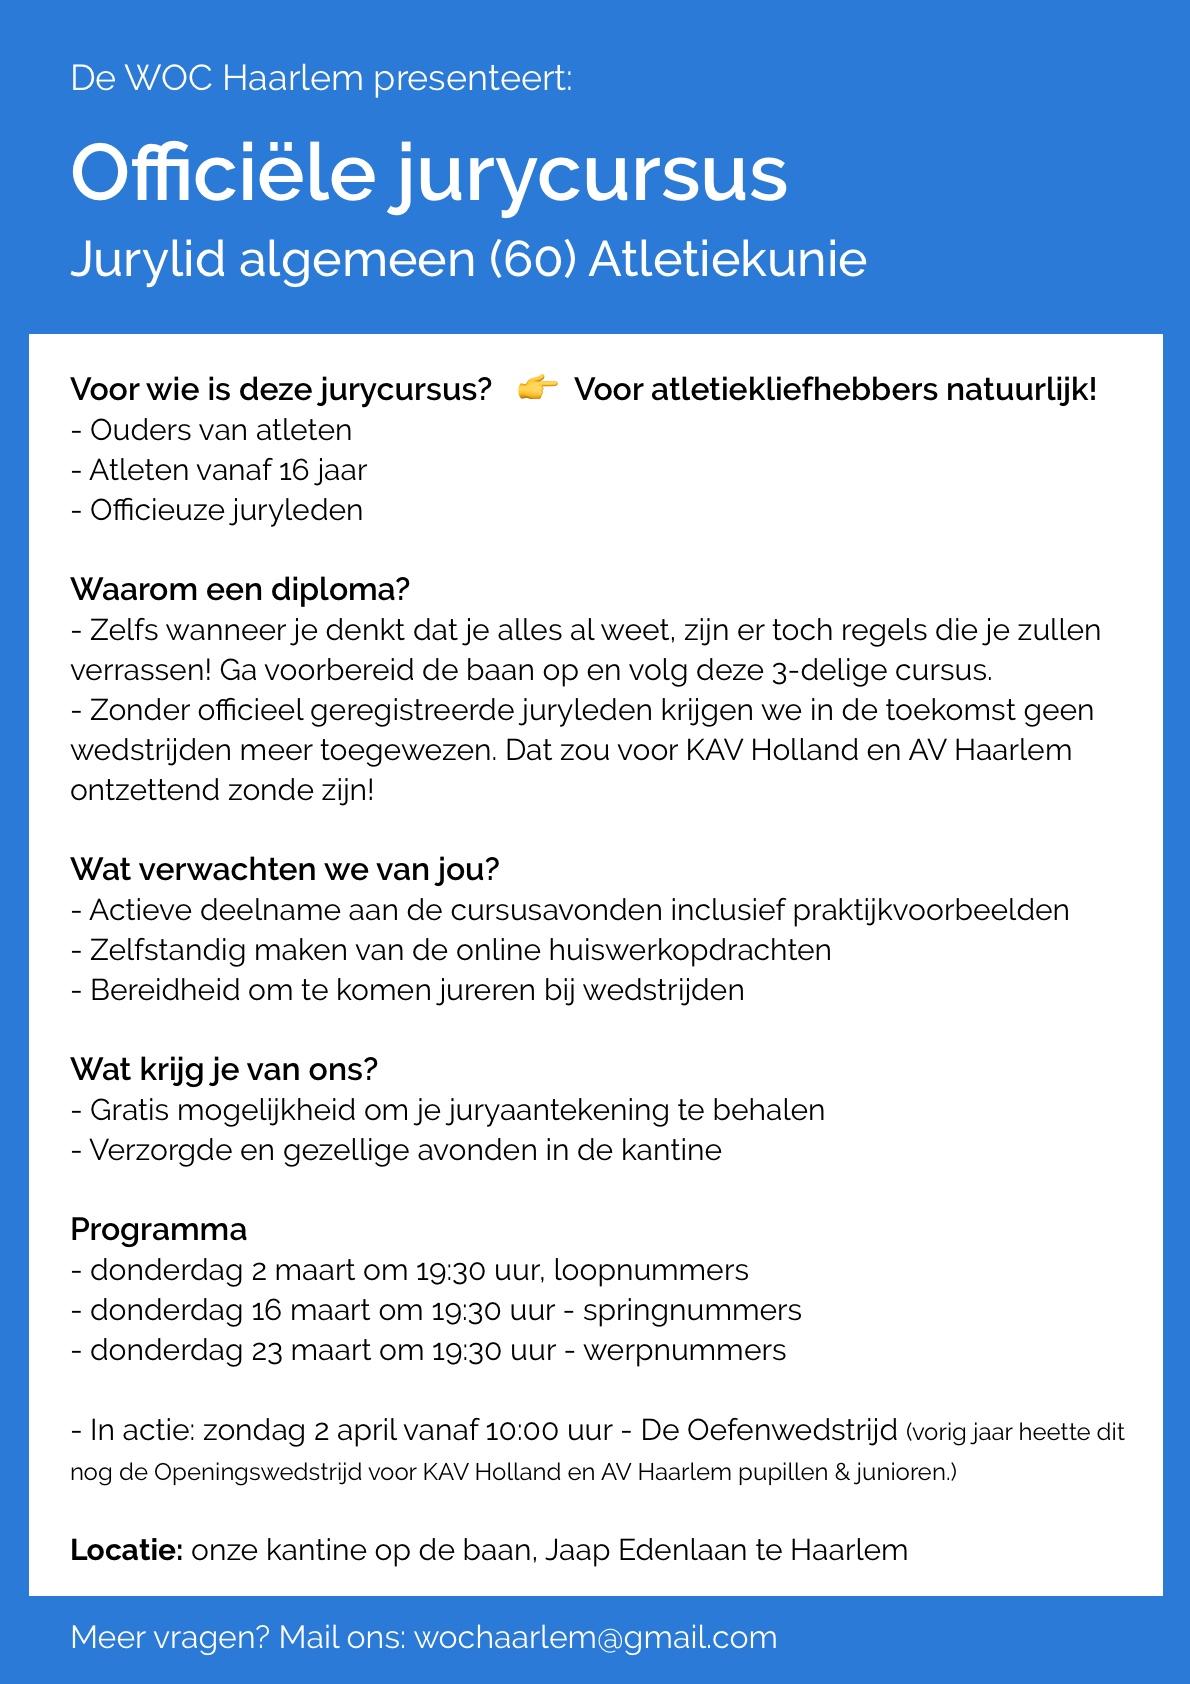 Jurycursus op 2, 16 & 23 maart